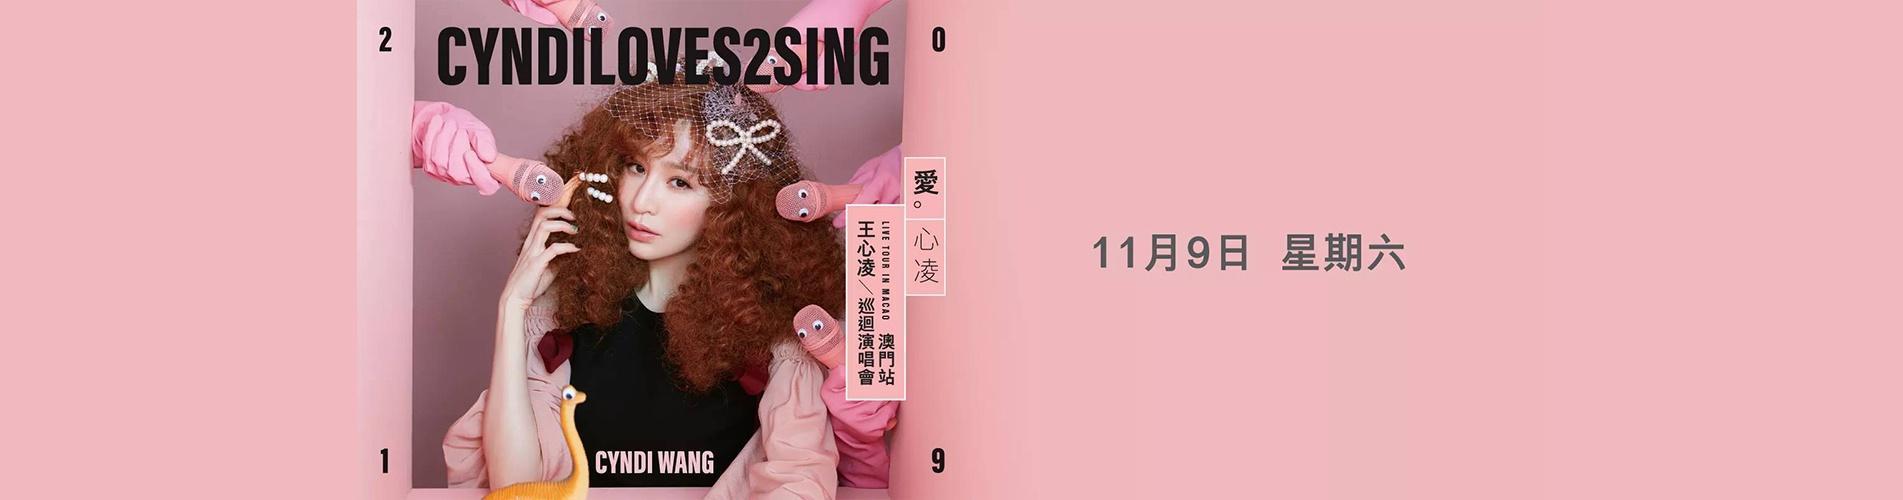 王心凌2019 CYNDILOVES2SING愛 º 心凌巡迴演唱會 - 澳門站